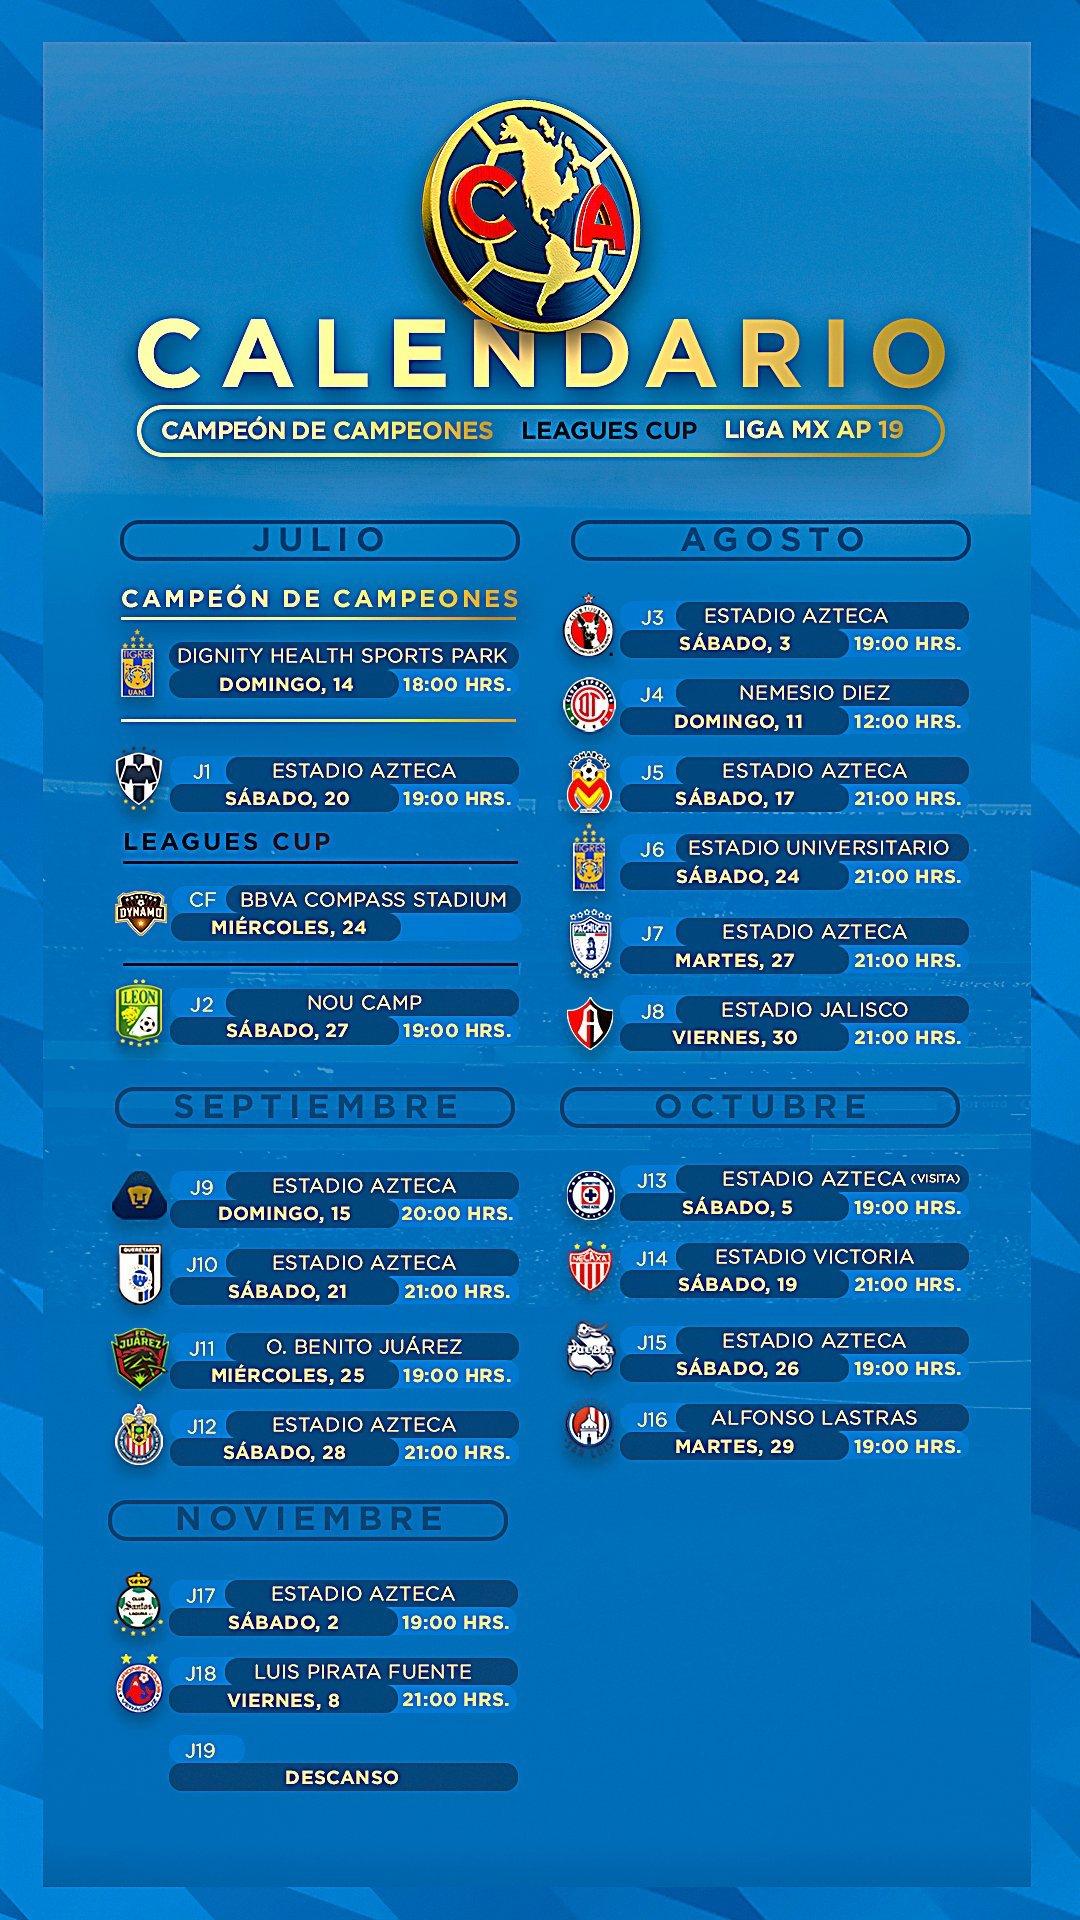 Liga Mx Apertura 2019: Los Calendarios De Todos Los Equipos Para El with Calendario Liga Mx 2019 2020